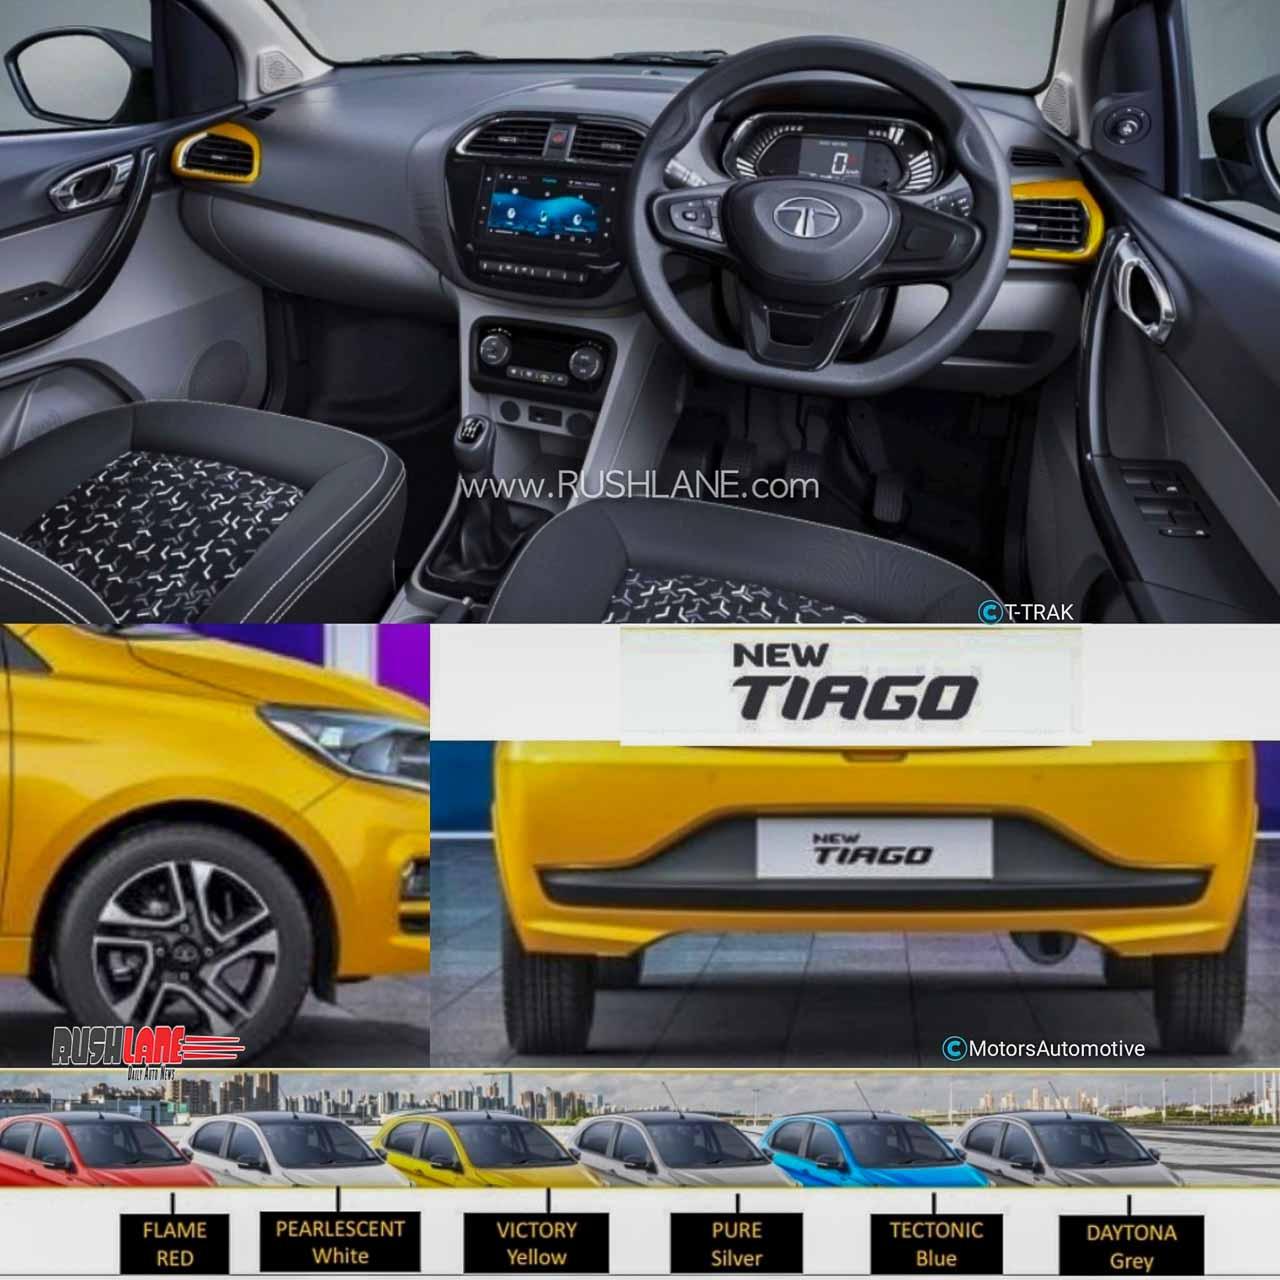 2020 Tata Tiago facelift leaks